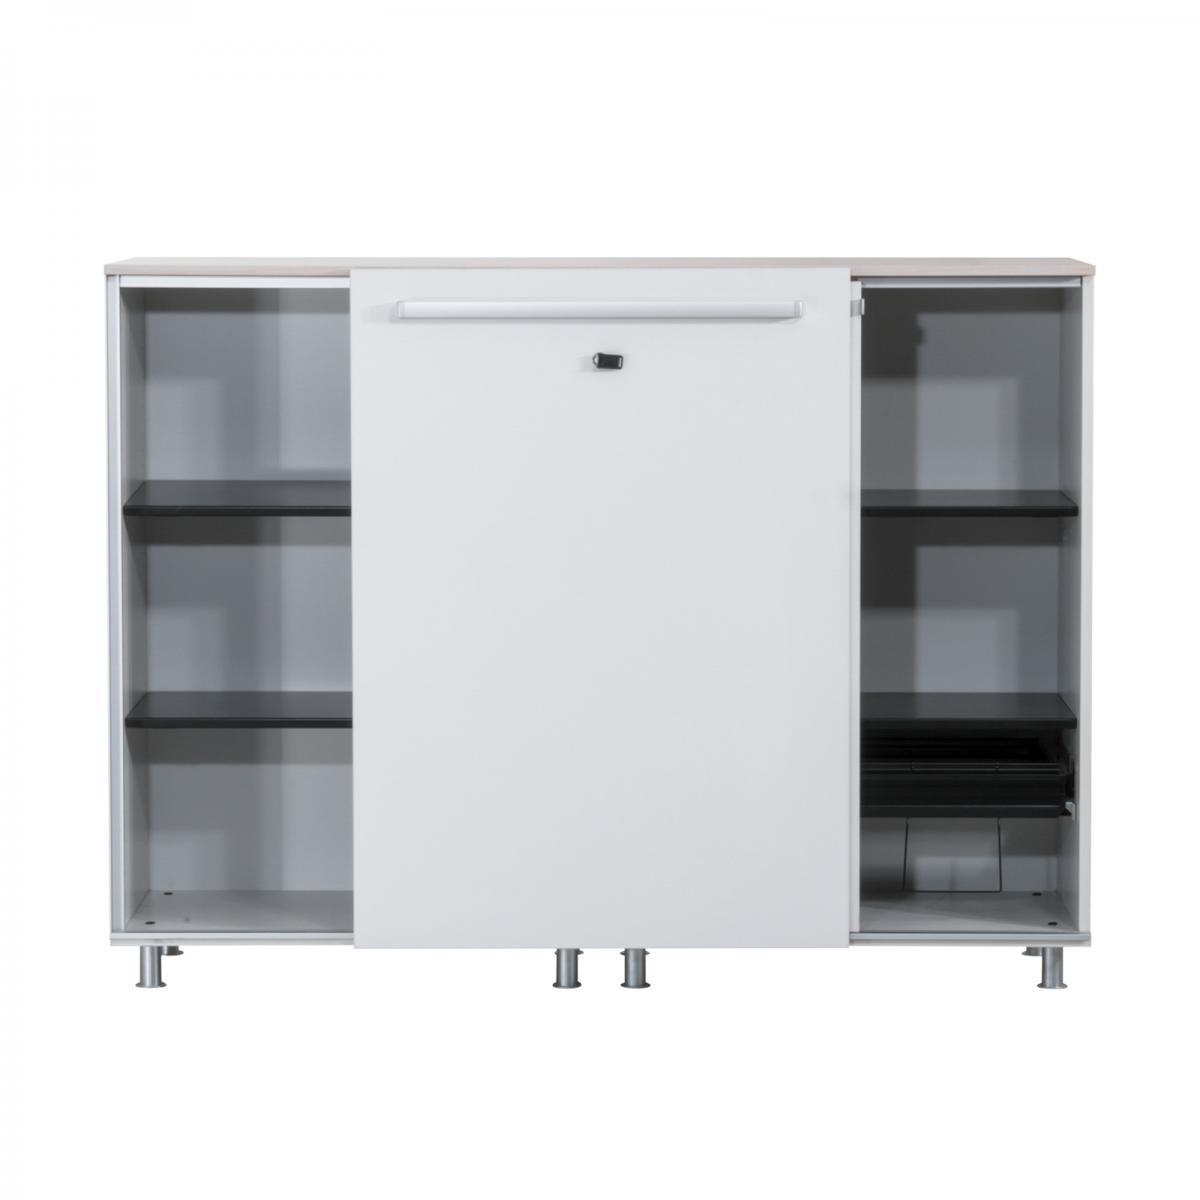 Aktenschrank Von Steelcase Gebraucht Kaufen Design Your Office